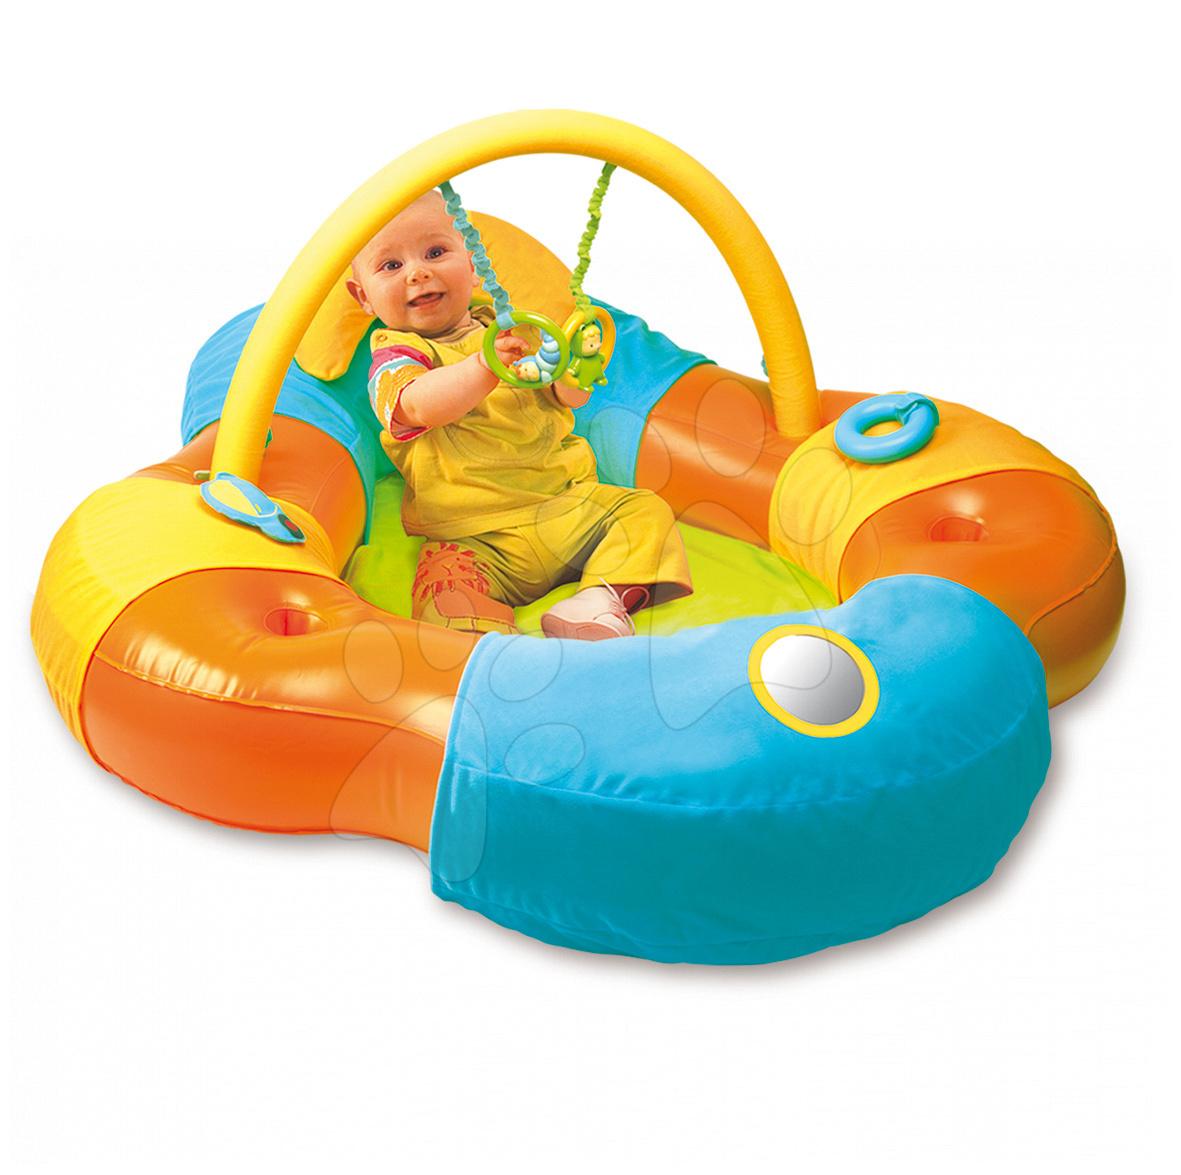 Scaune pentru copii - Insulă gonflabilă de vis Cotoons Baby Smoby cu exerciţii pentru bebe portocaliu-albastru de la 3 luni